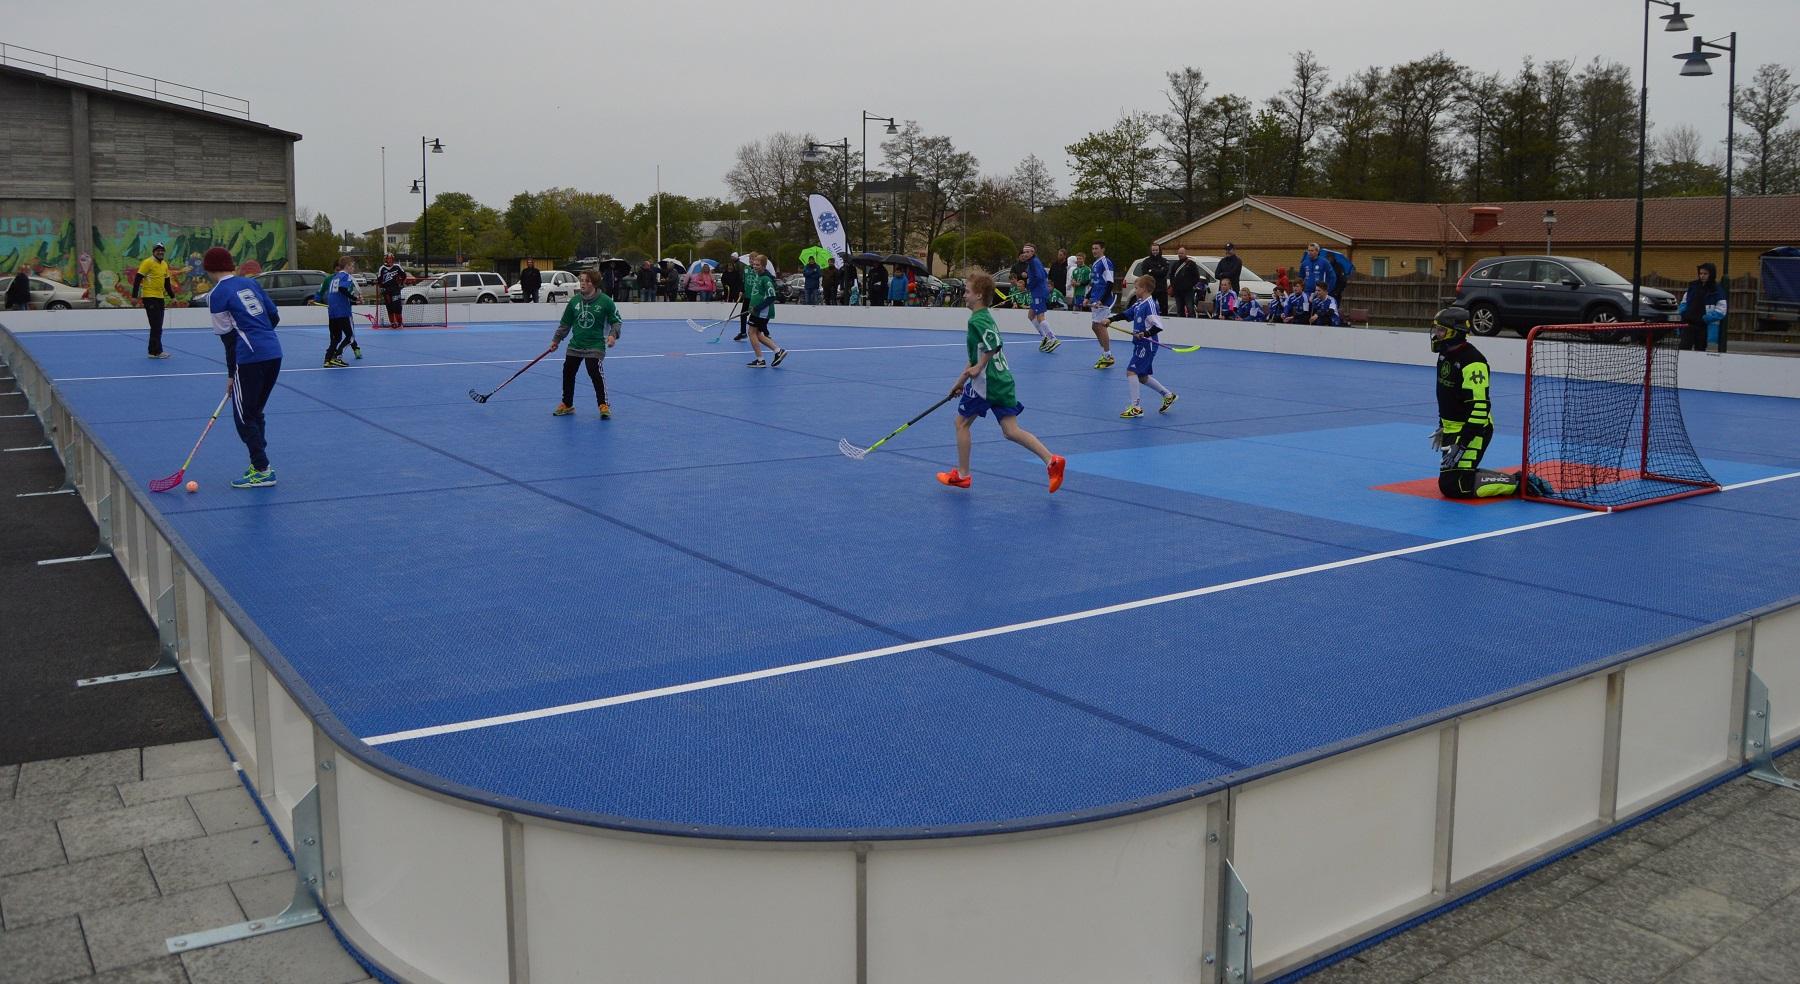 multisportarena bromölla idrottspark unisport